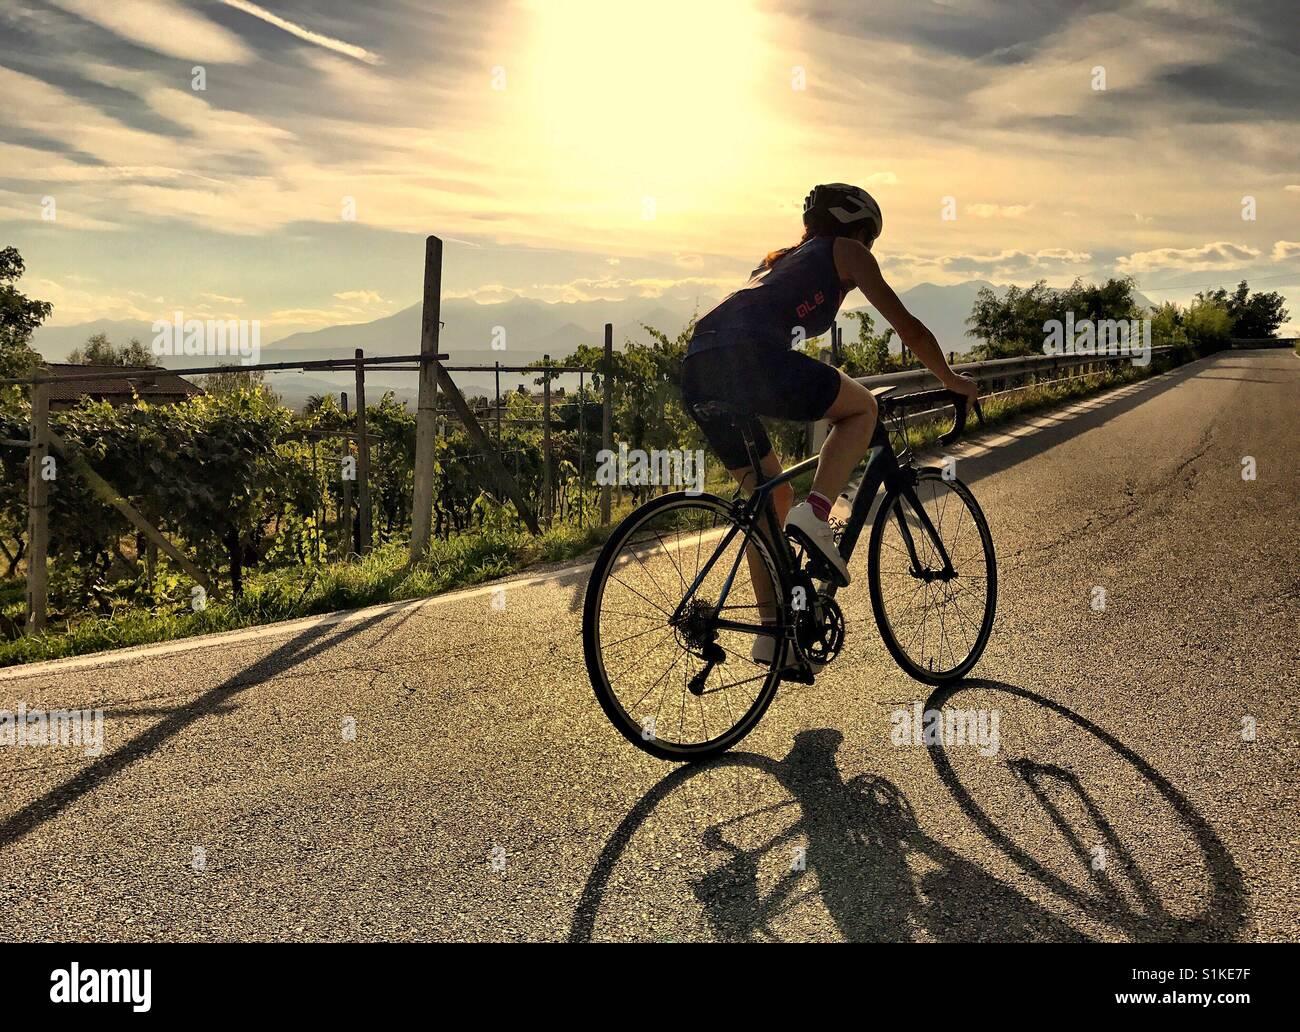 Hora dorada ciclismo Imagen De Stock